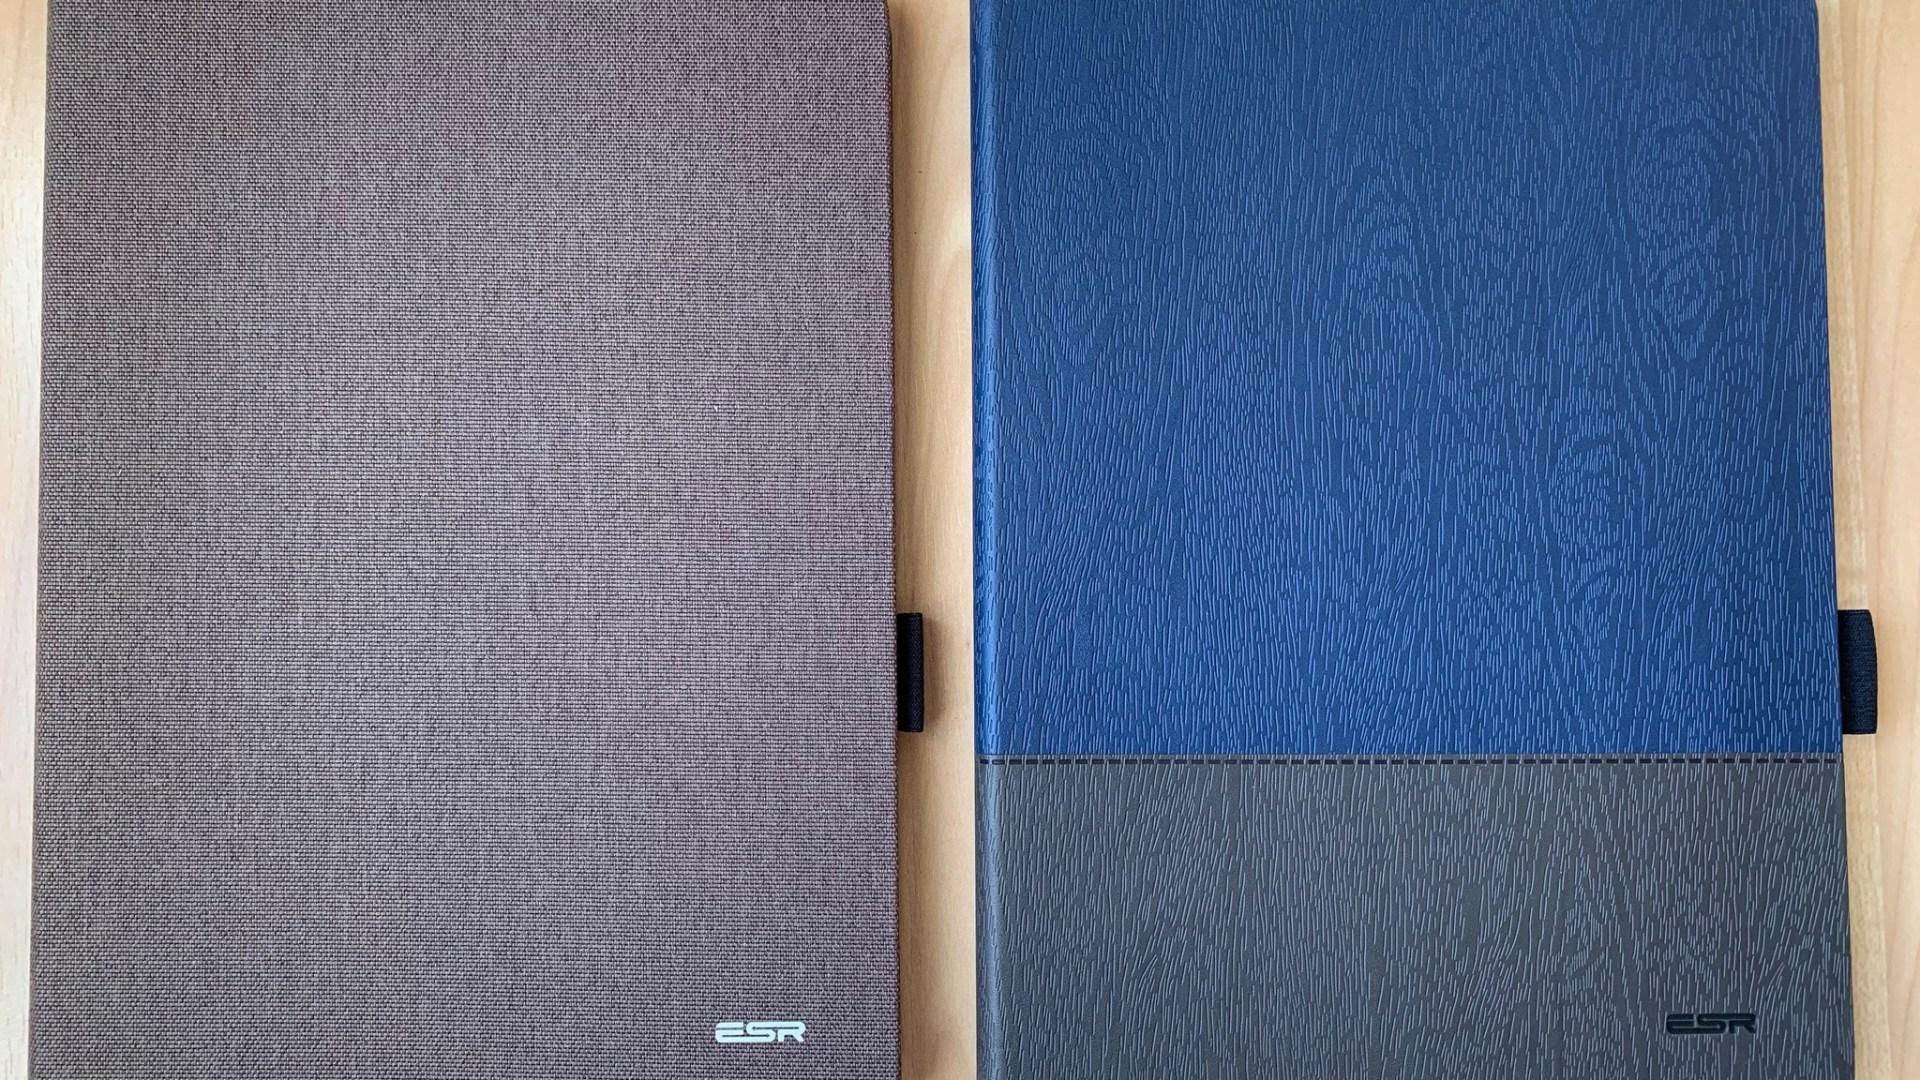 ESR Urban Premium Folio Case for iPad Pro review: A bargain folio